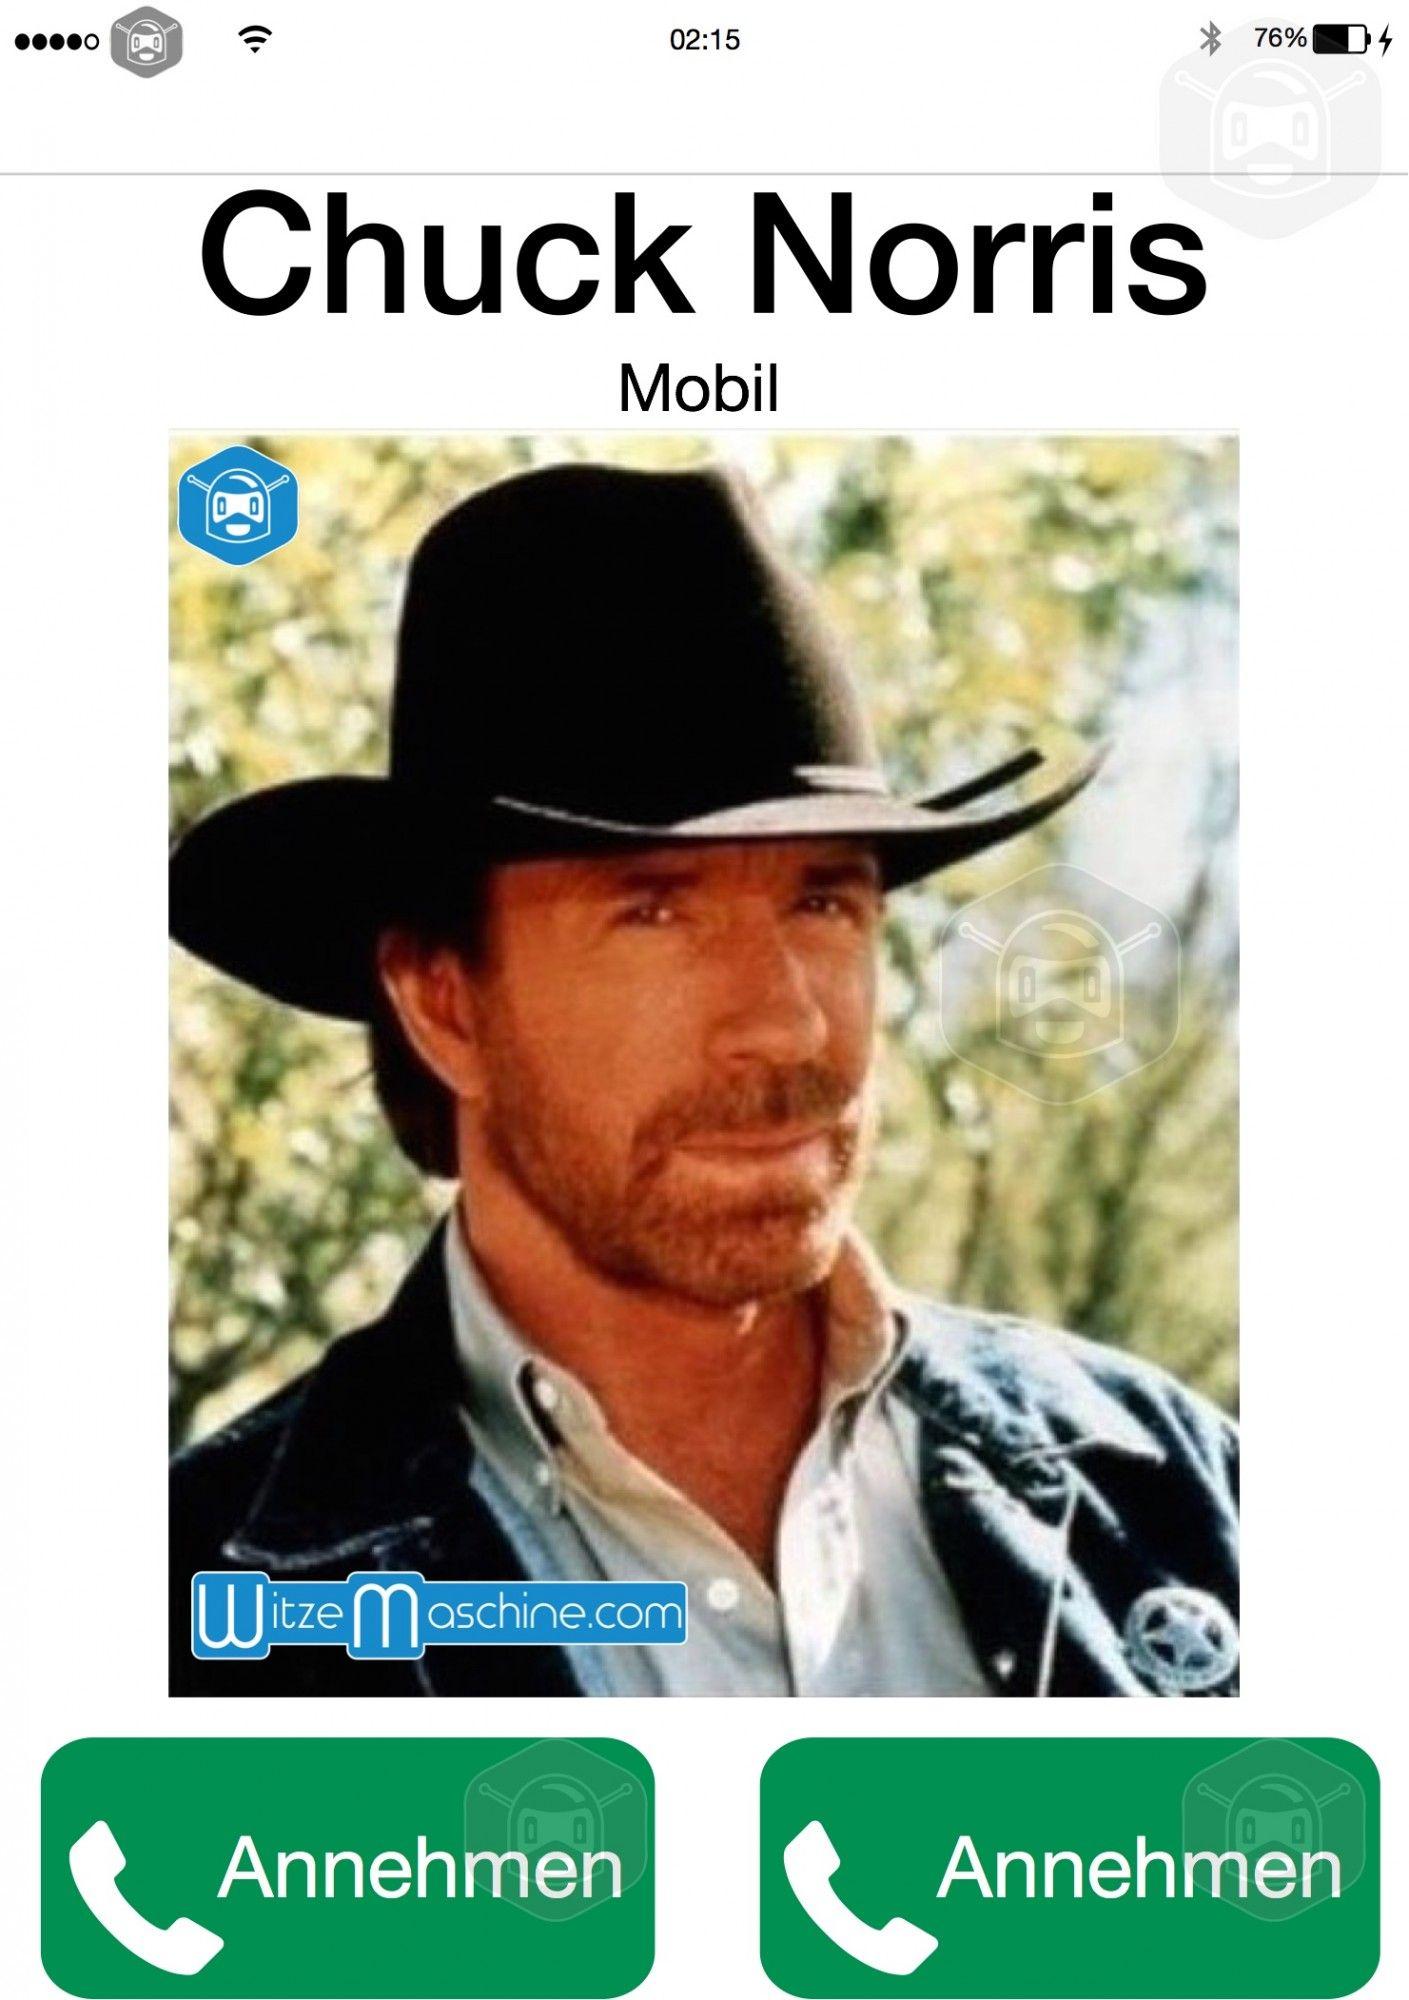 Chuck Norris Witze Du Kannst Nur Annehmen Bei Seinem Anruf